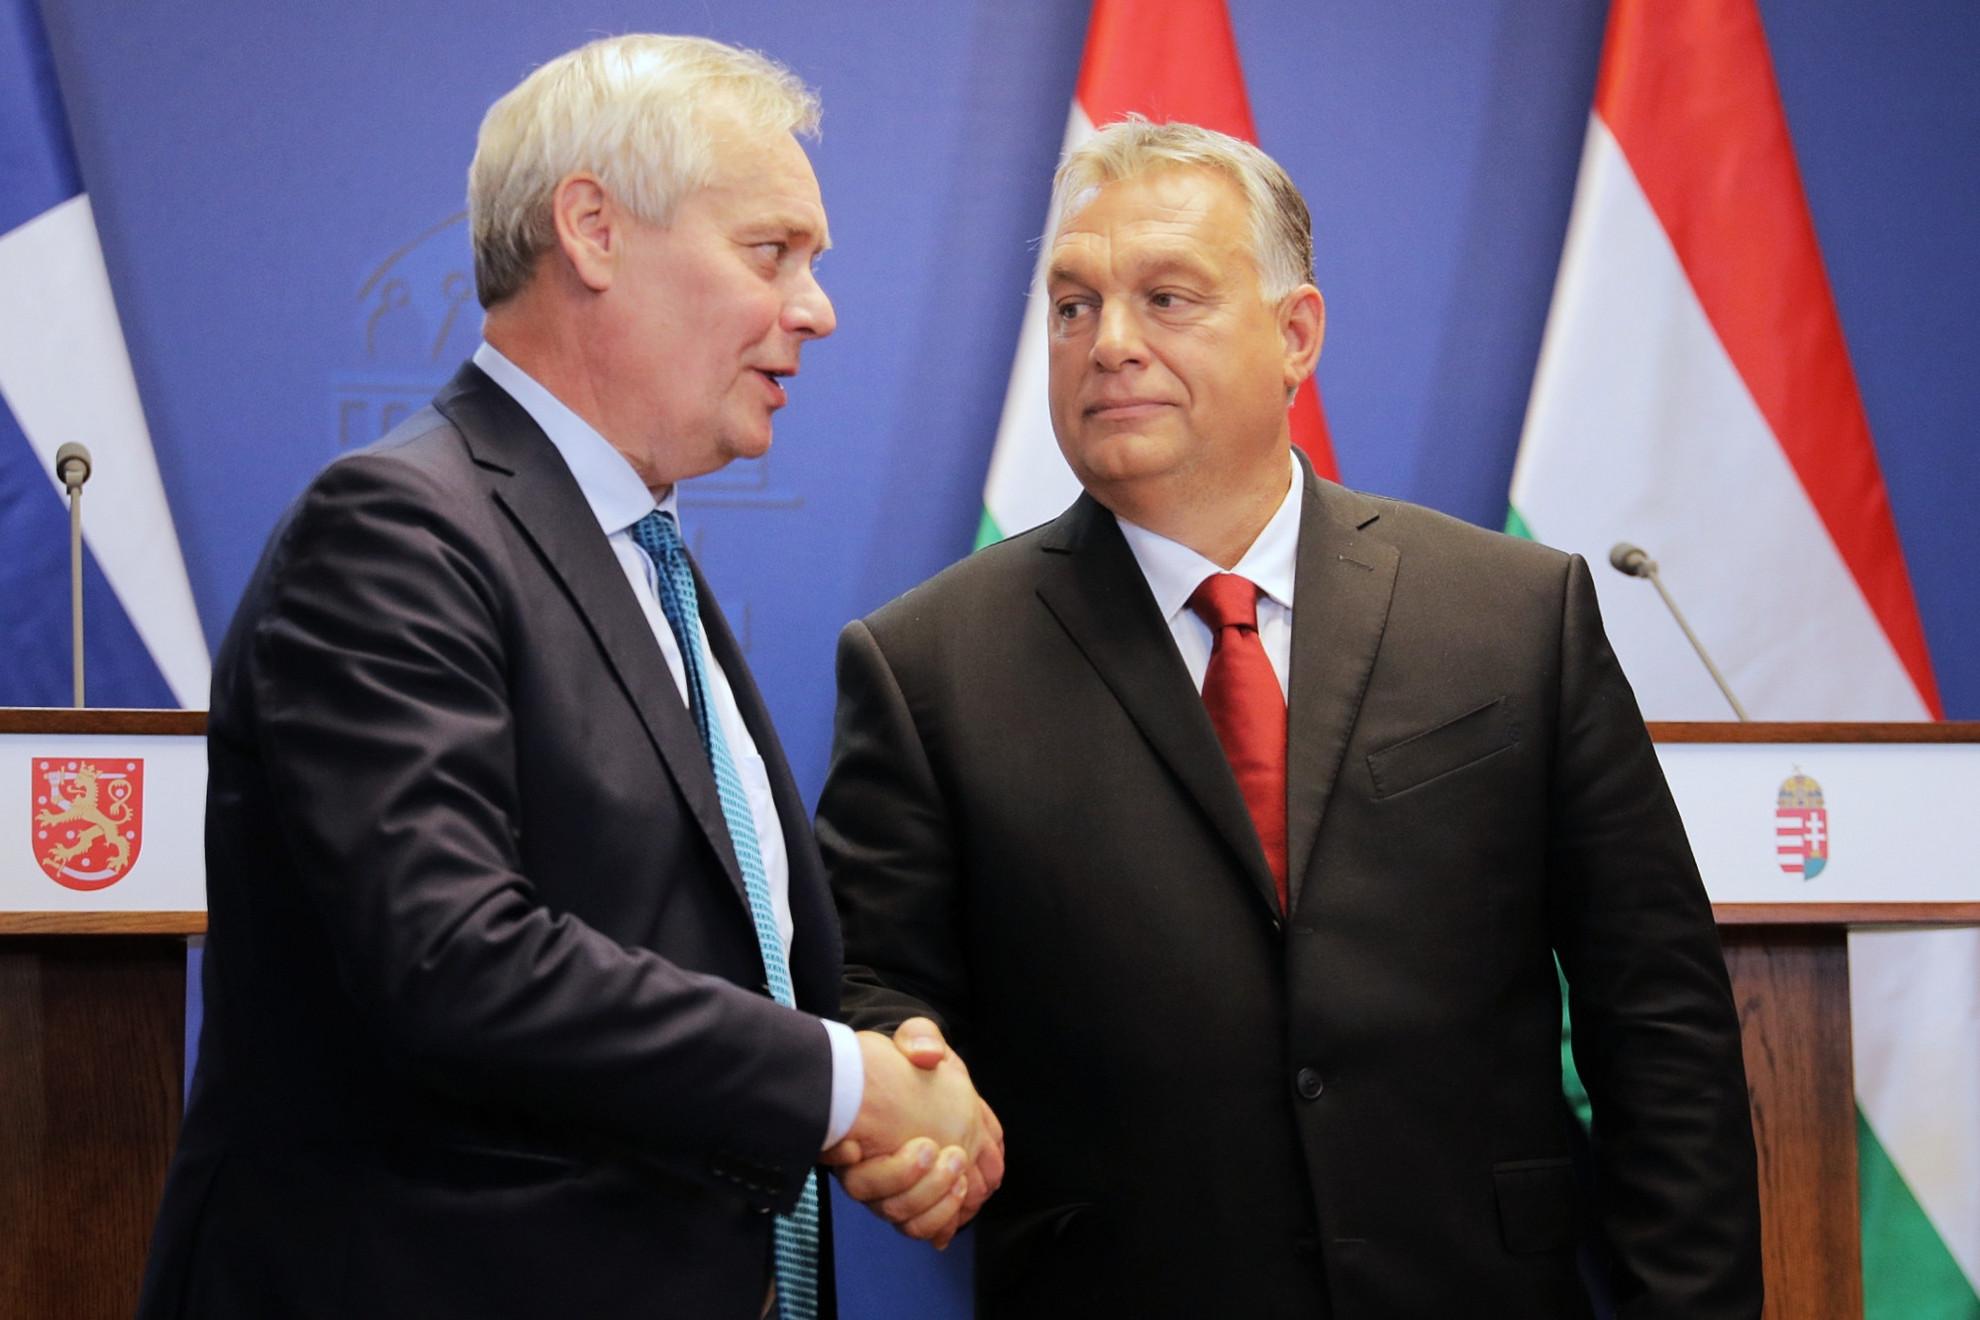 Annti Rinne és Orbán Viktor kézfogása